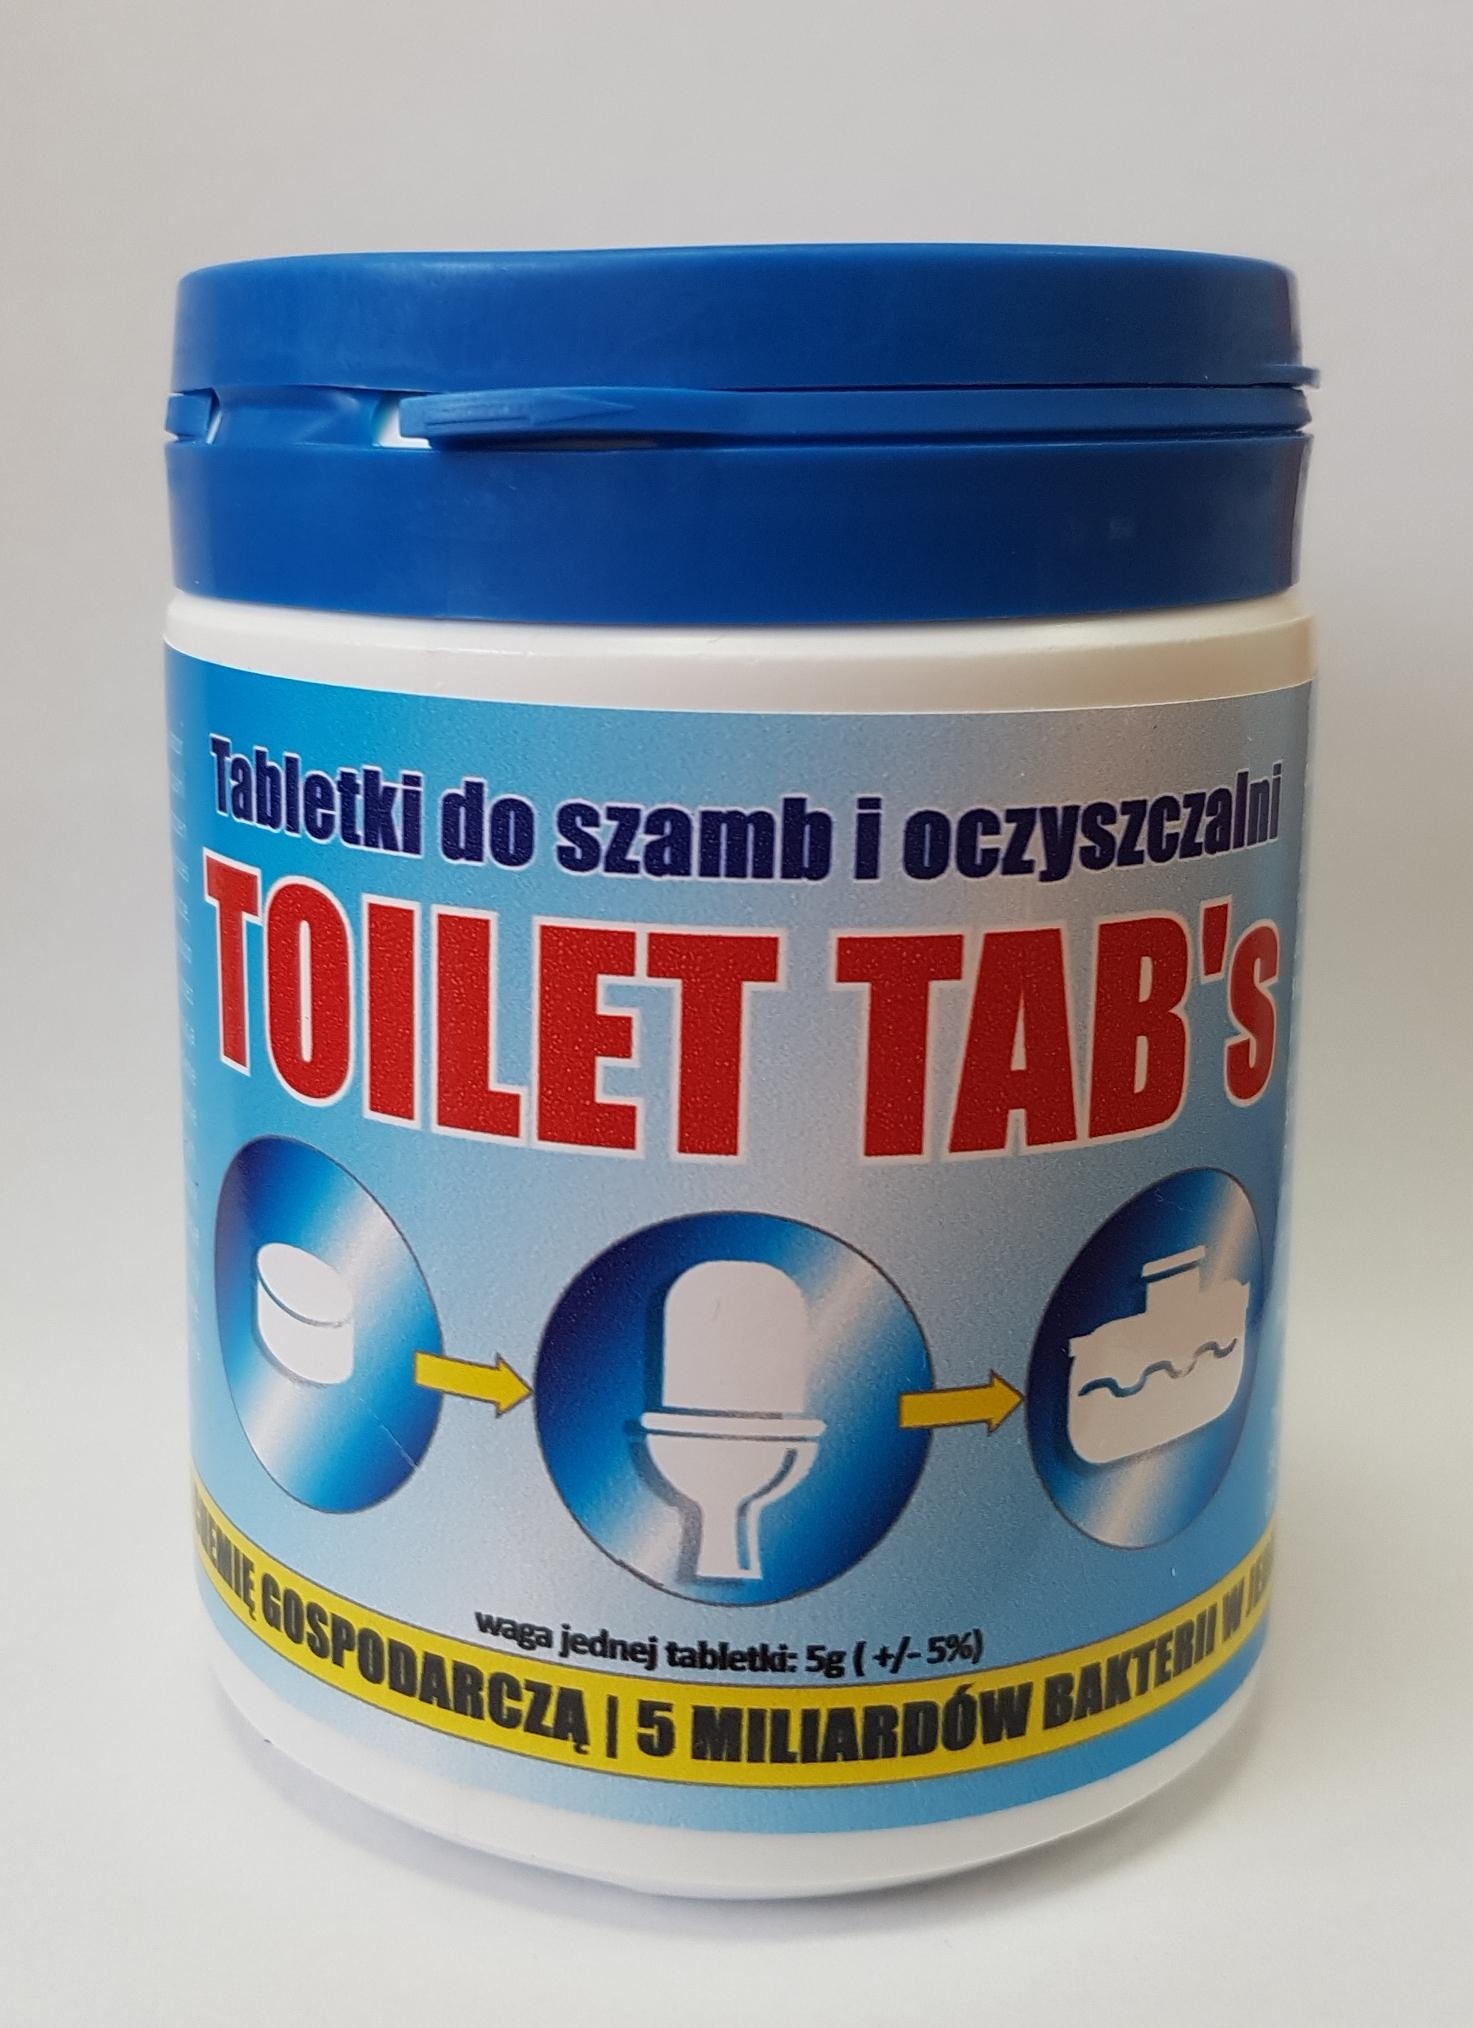 toilet tabs